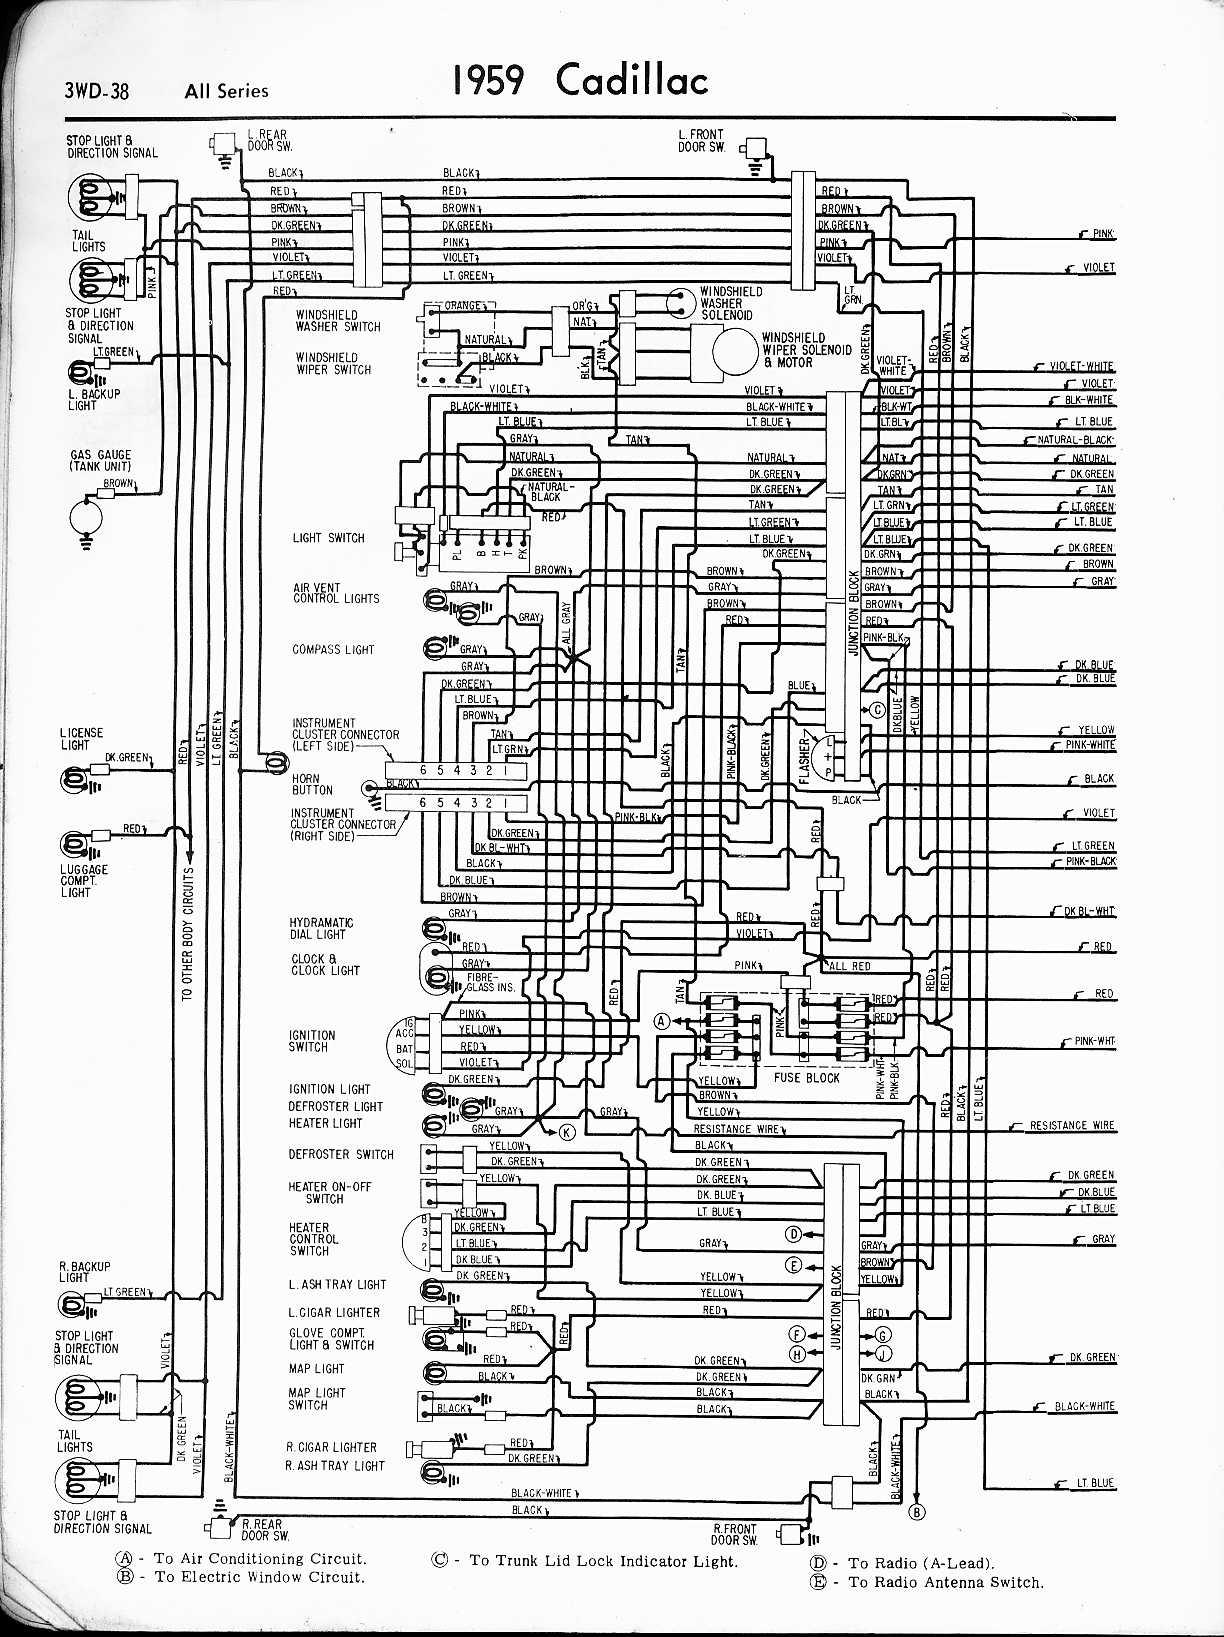 1967 Chevrolet El Camino Wiring Schematic 1986 Diagram